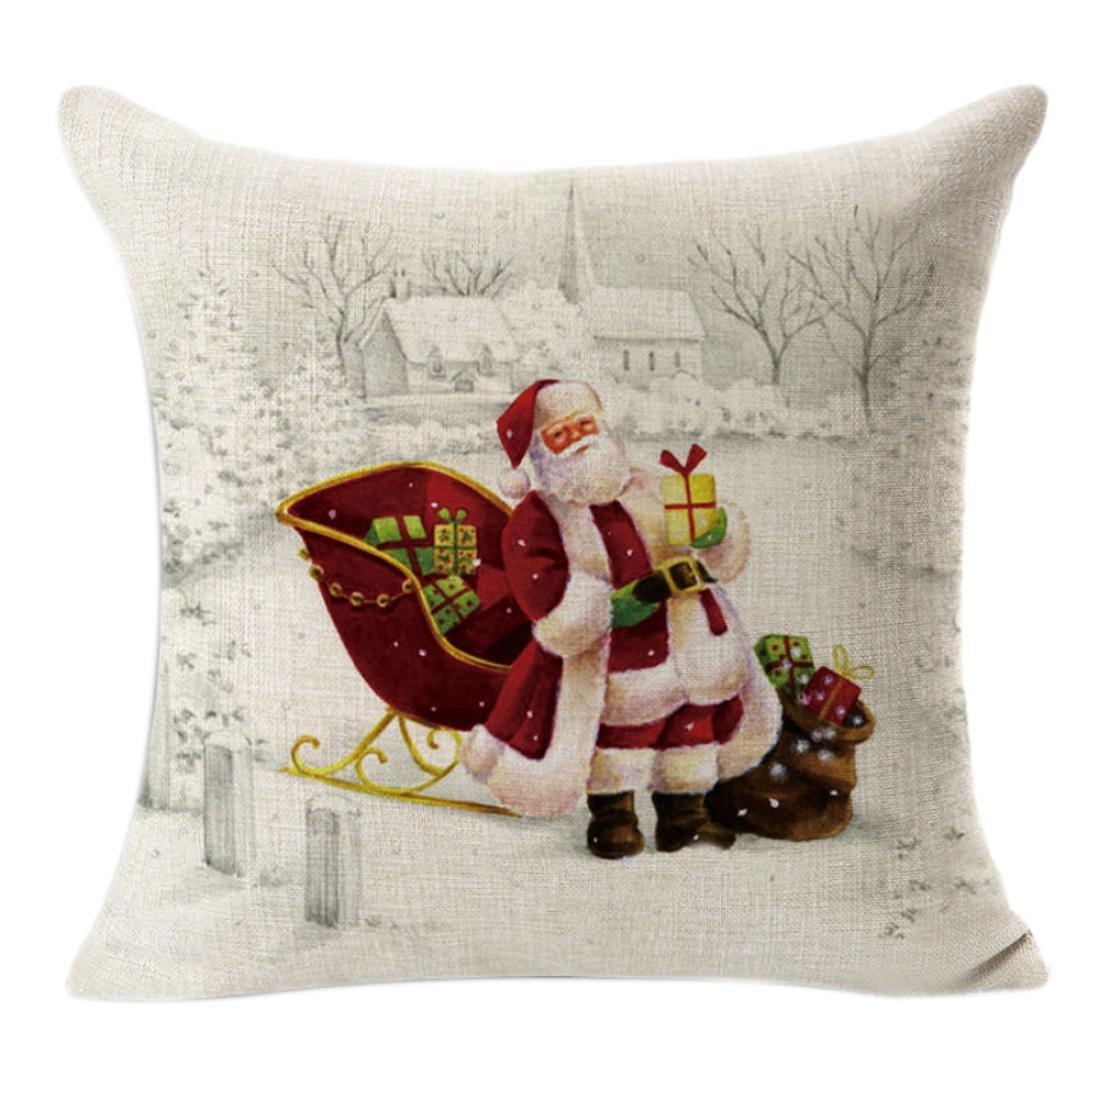 Cushion Covers, Boomboom Christmas Santa Claus Linen Square Throw Pillowcase Cushion Cover